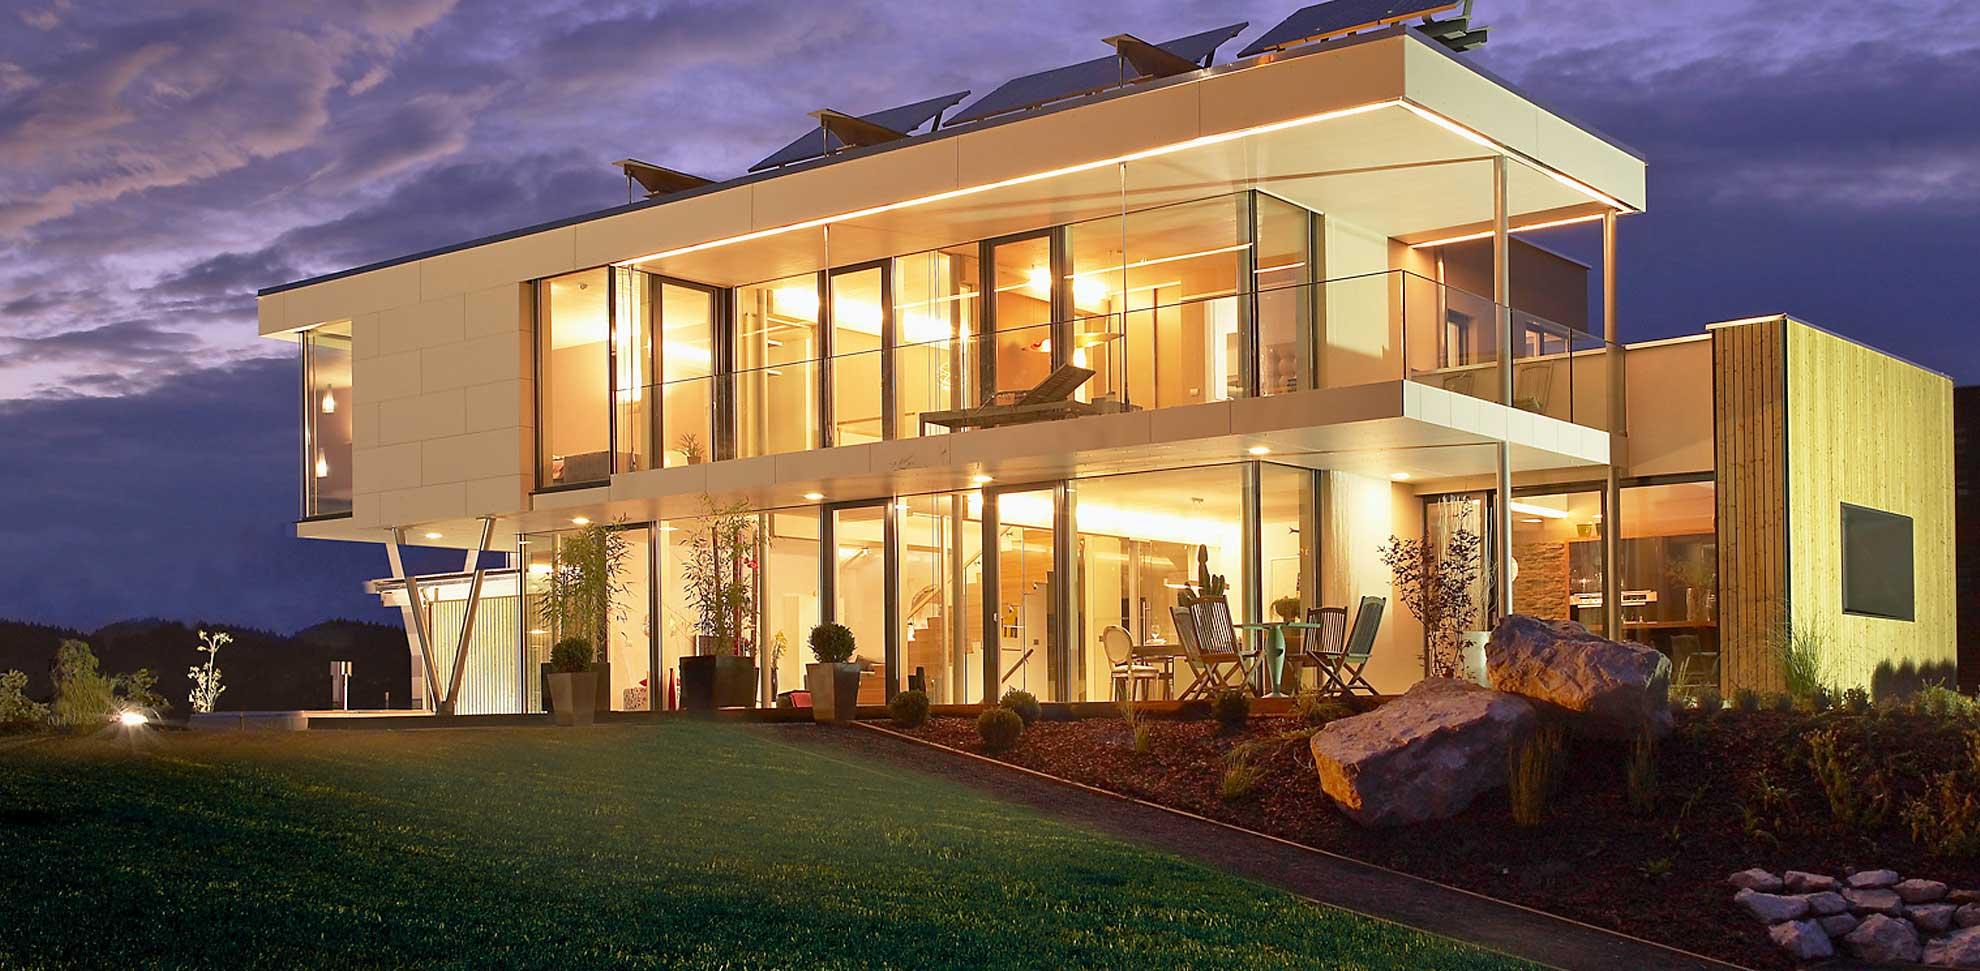 Ein fertighaus mit flachdach f r maximalen wohnraum for Fertighaus flachdach